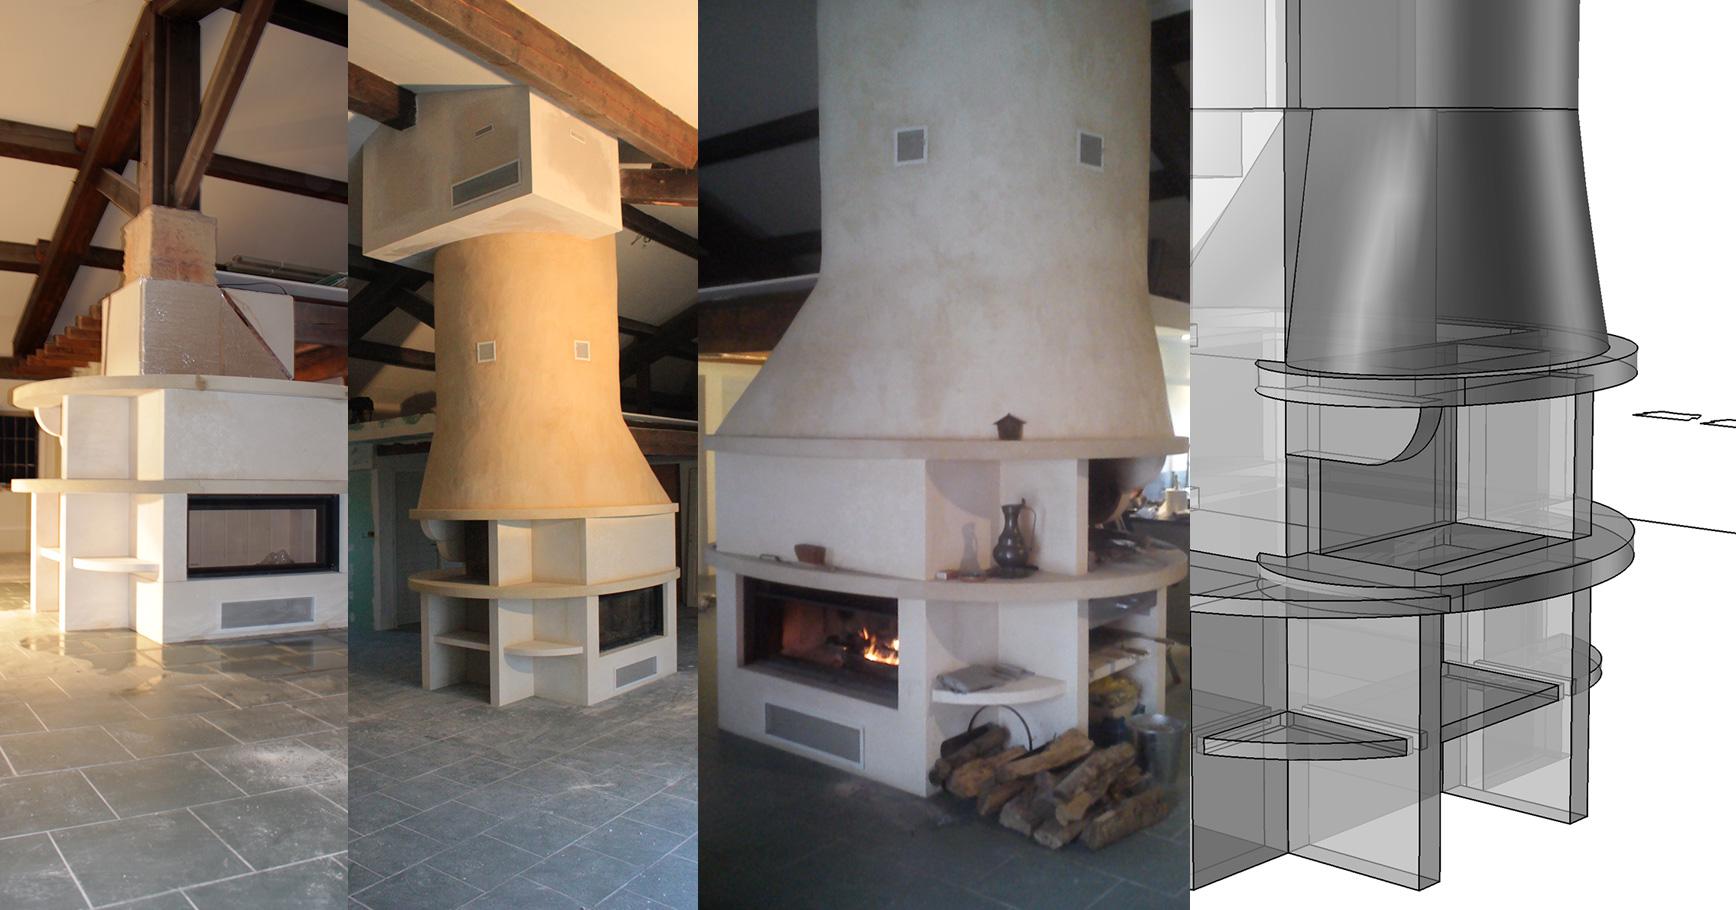 Création d'un ensemble cheminée et comptoir